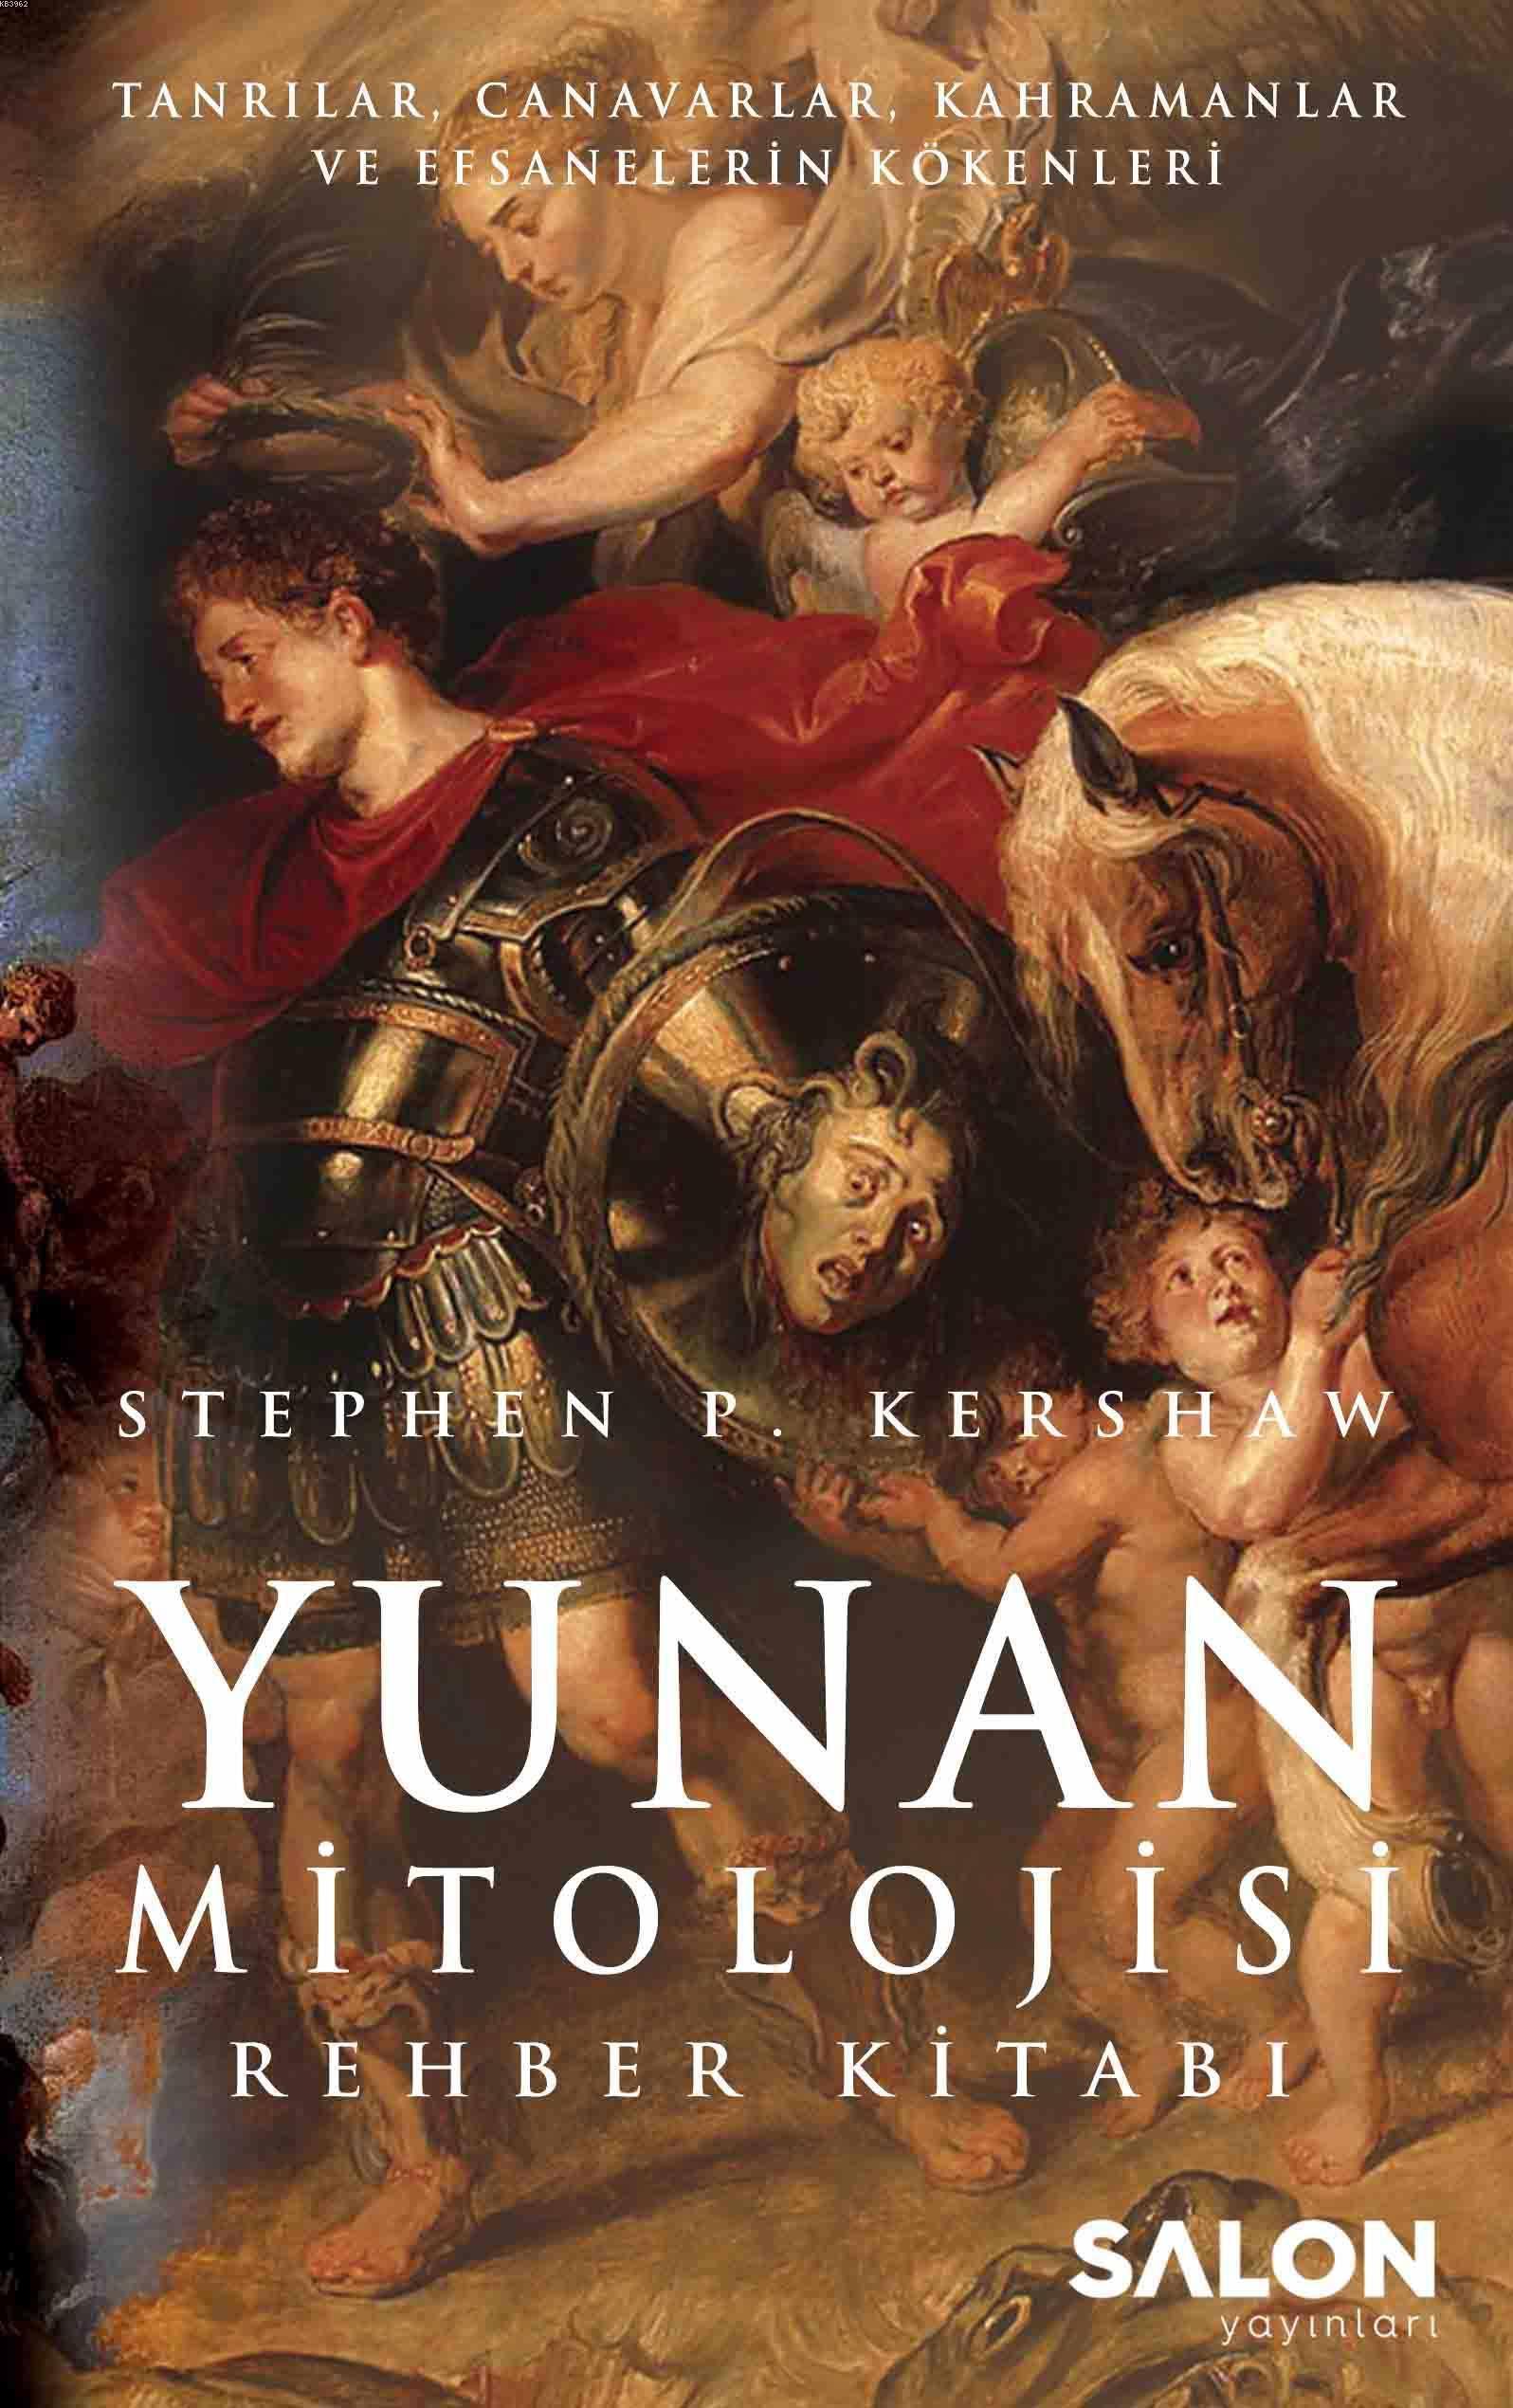 Yunan Mitolojisi Rehber Kitabı; Tanrılar, Canavarlar, Kahramanlar ve Efsanelerin Kökenleri